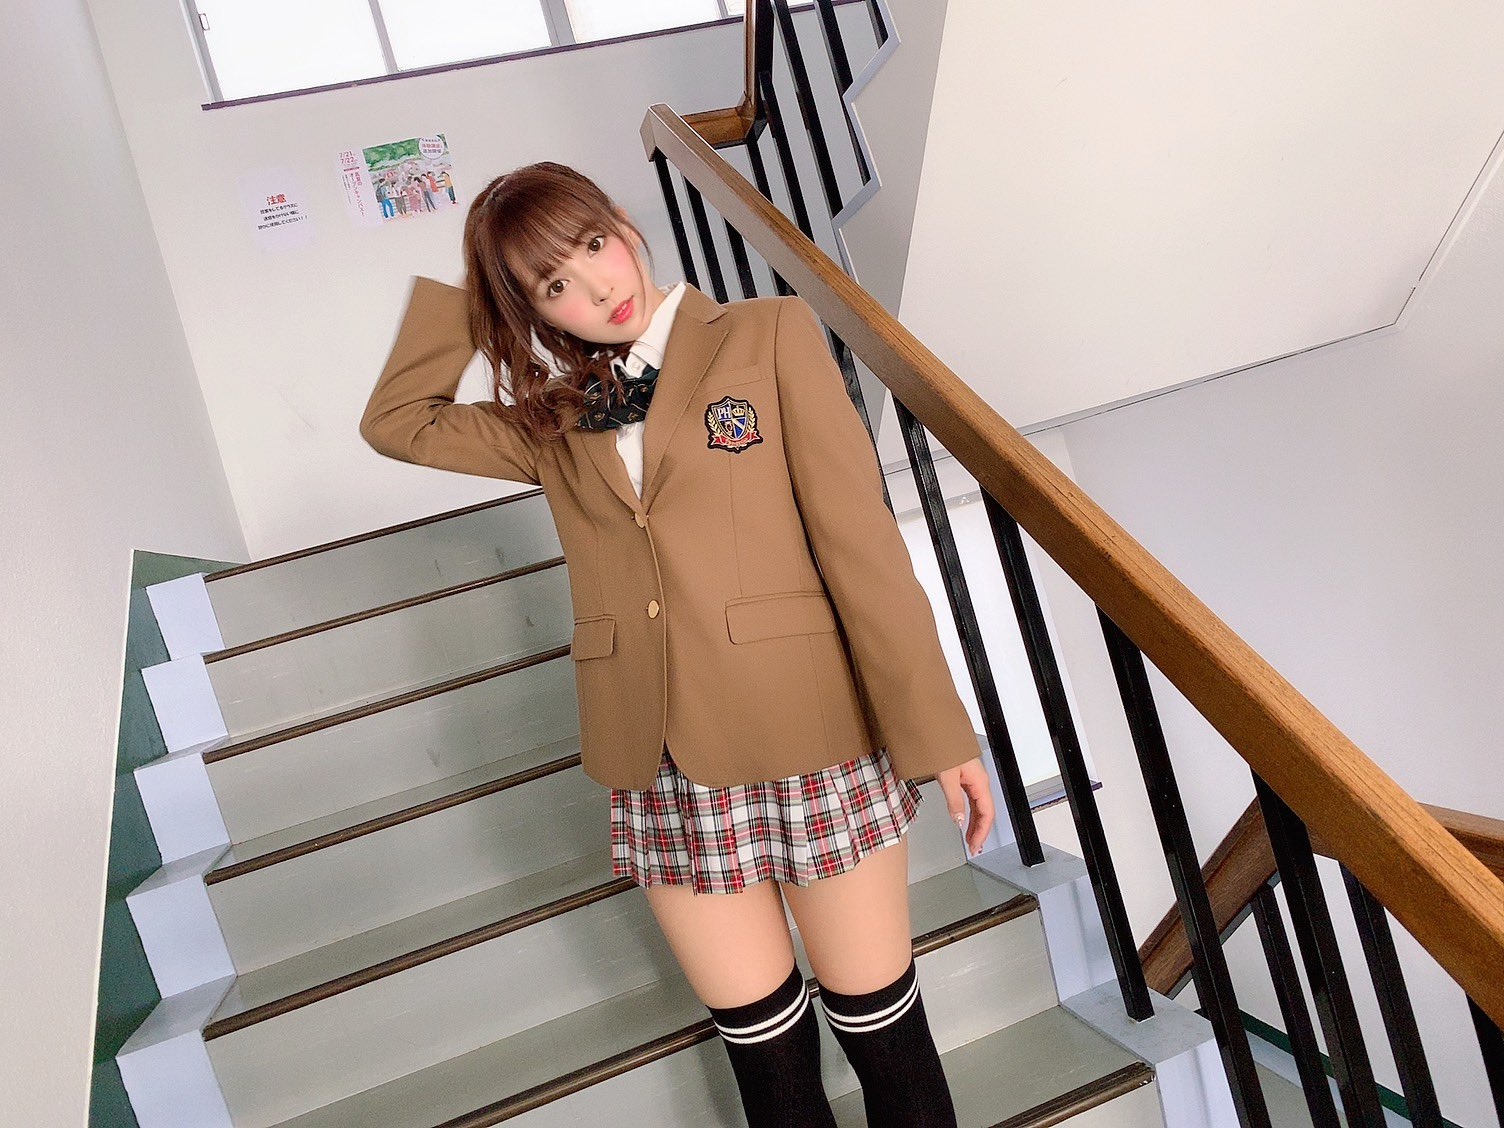 yua_mikami 1185123137865703424_p2